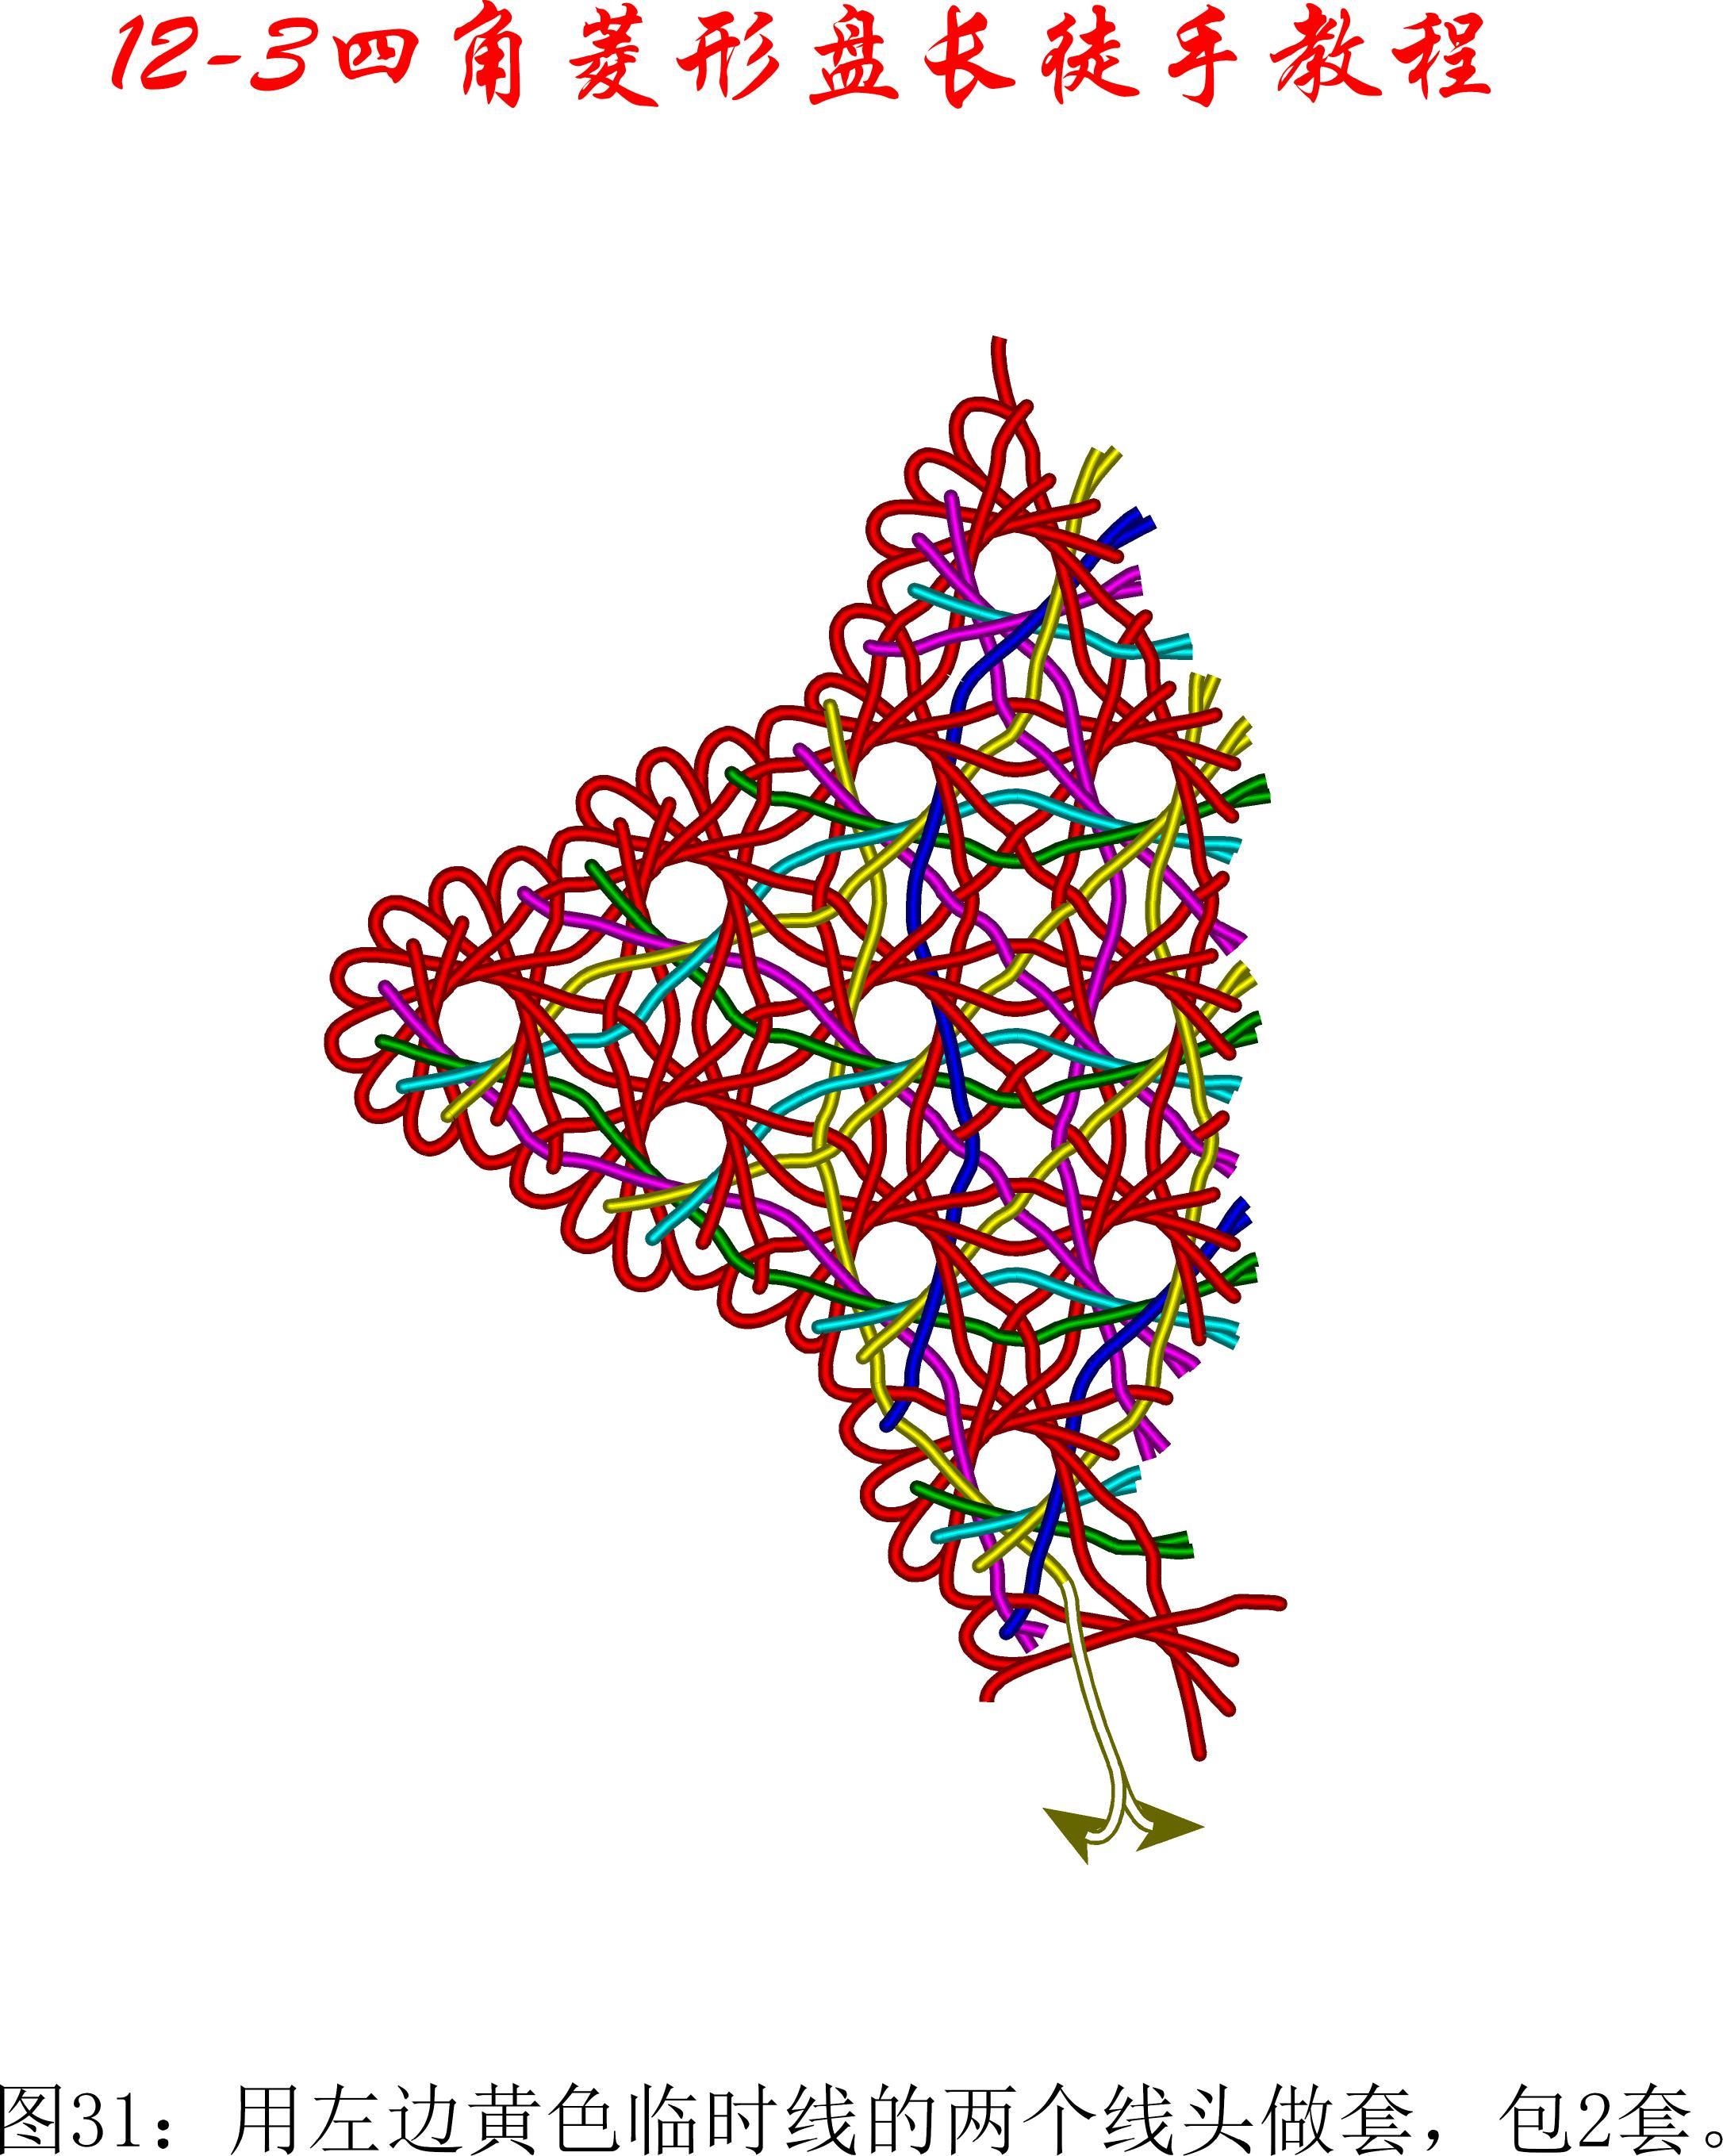 中国结论坛 12-3四角菱形盘长徒手教程 教程,菱形实心花的编织图解,长方形做菱形怎么做,长方形分菱形图解,菱形四边一样长吗 丑丑徒手编结 133841laimhfhx7y4ae7ih